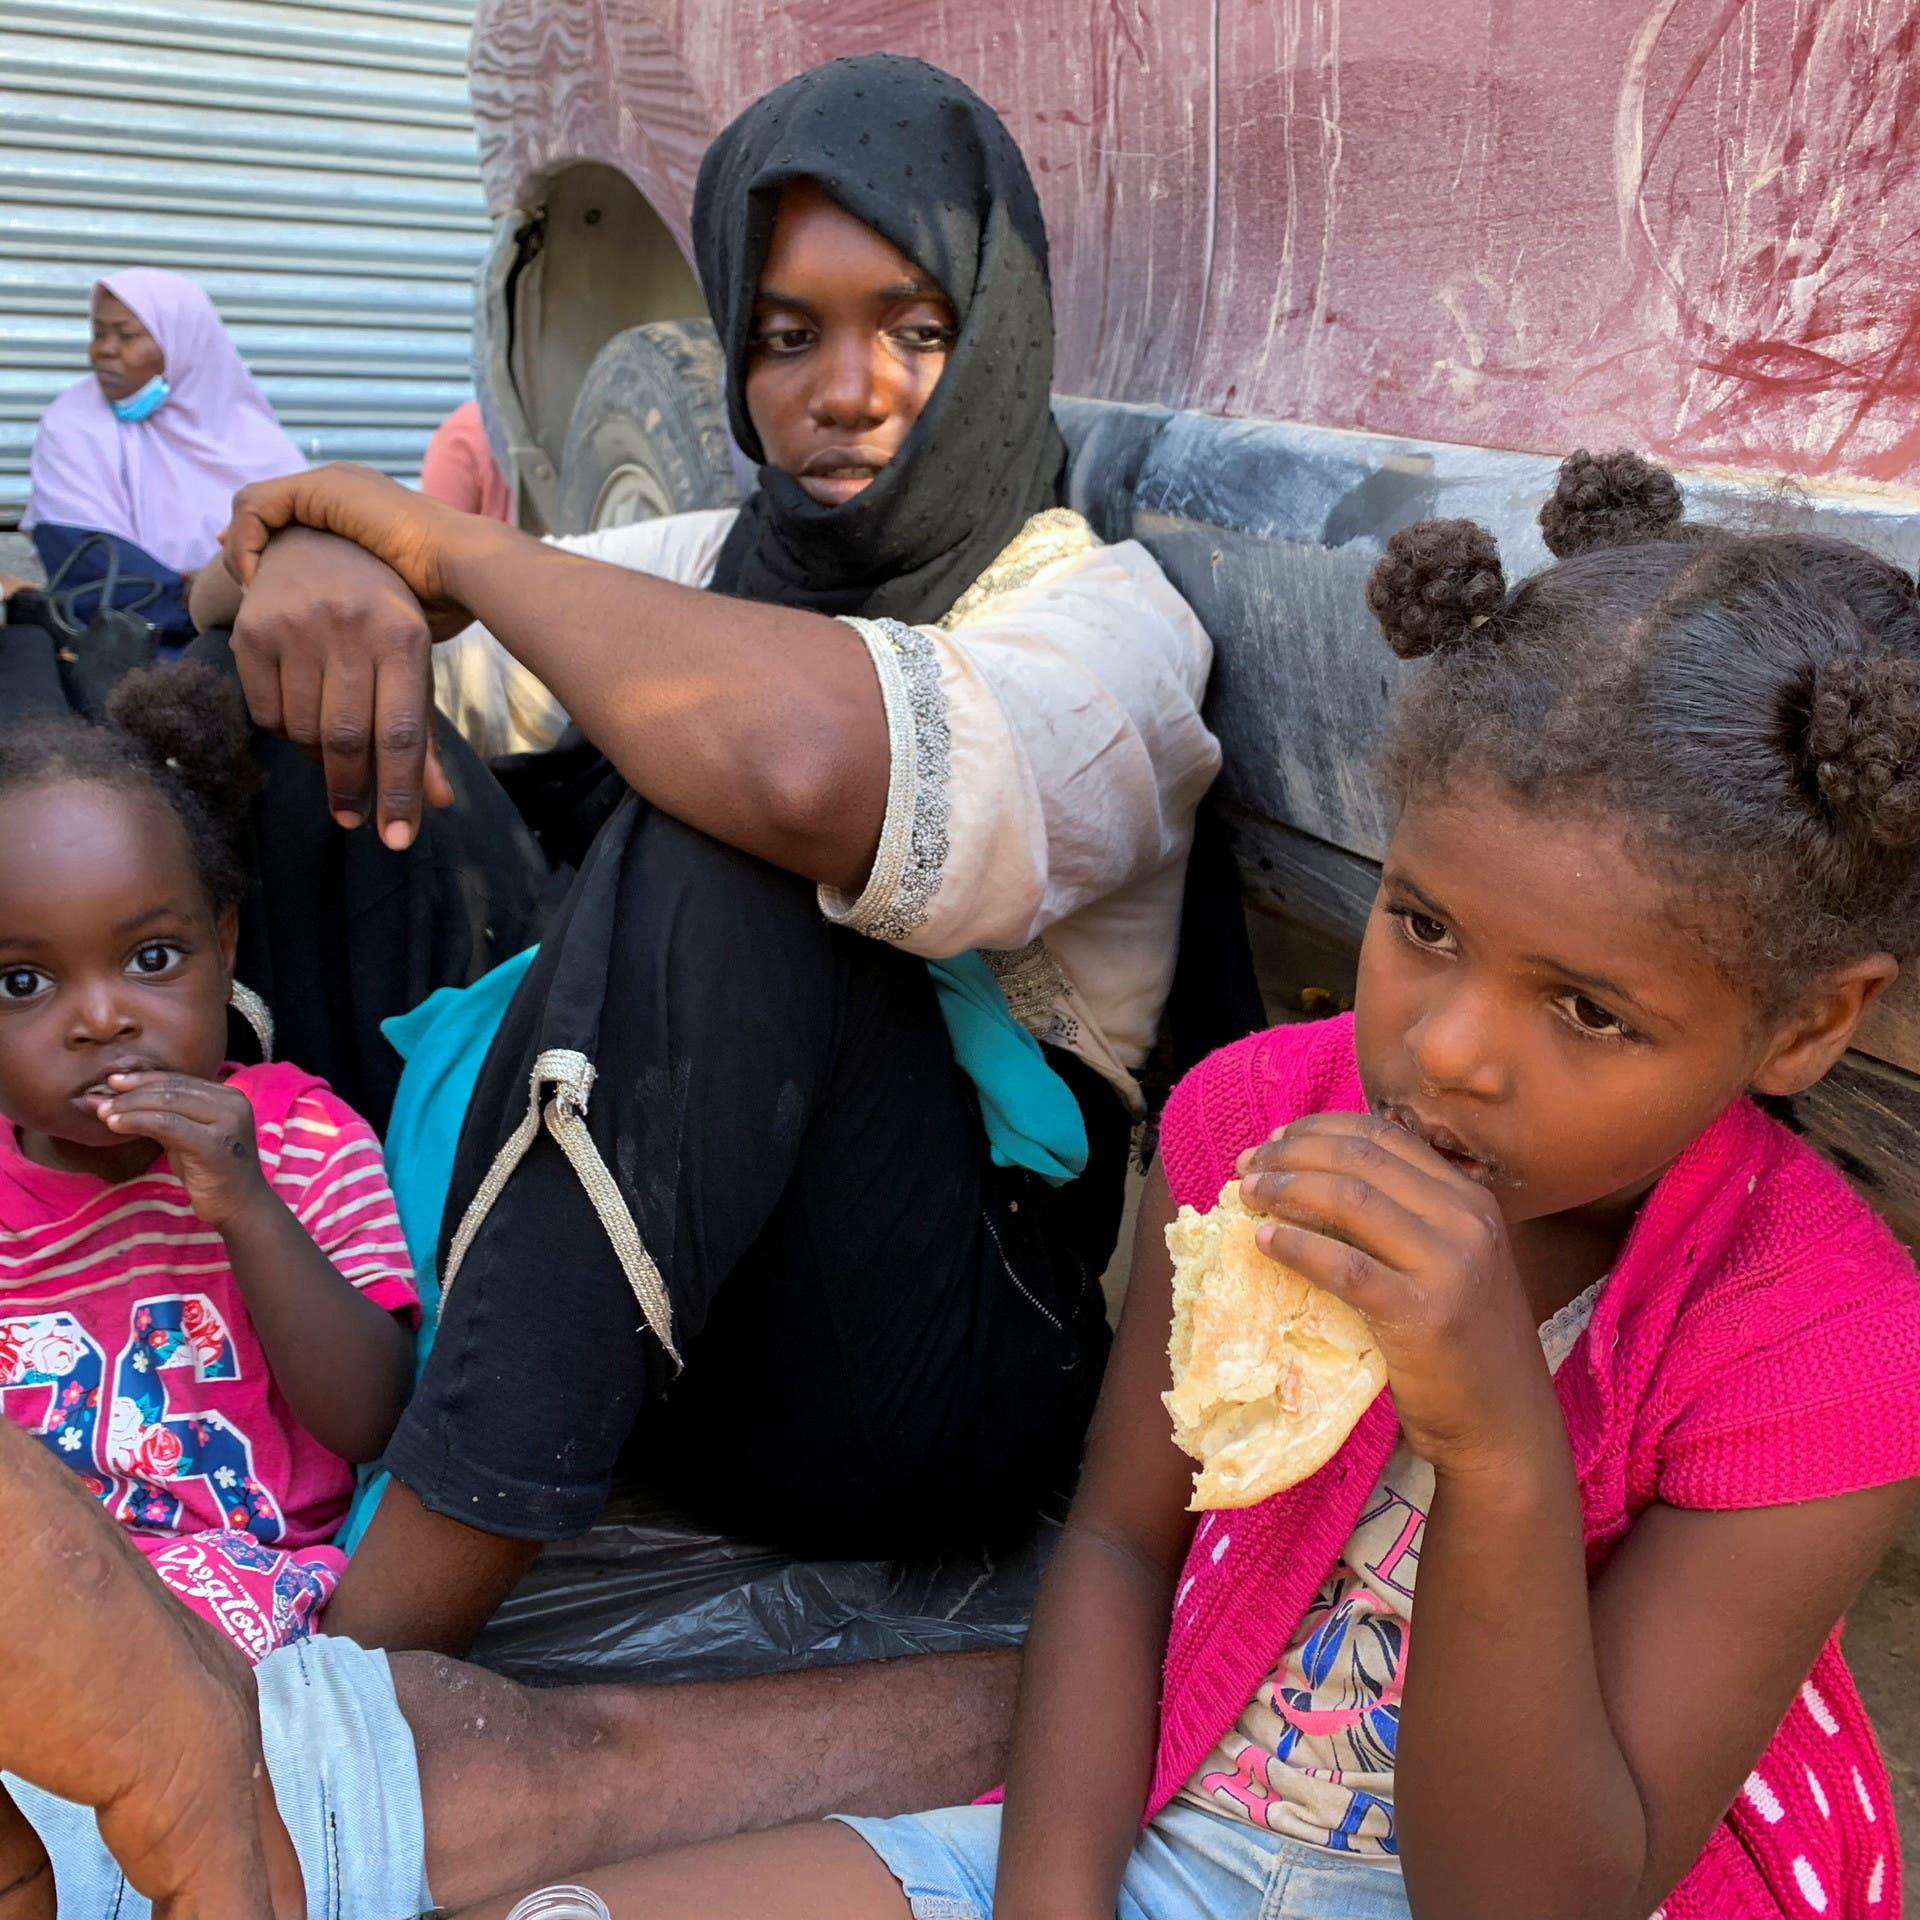 يونيسف: خطر فوري يهدد 1000 امرأة وطفل بمراكز للاجئين بليبيا